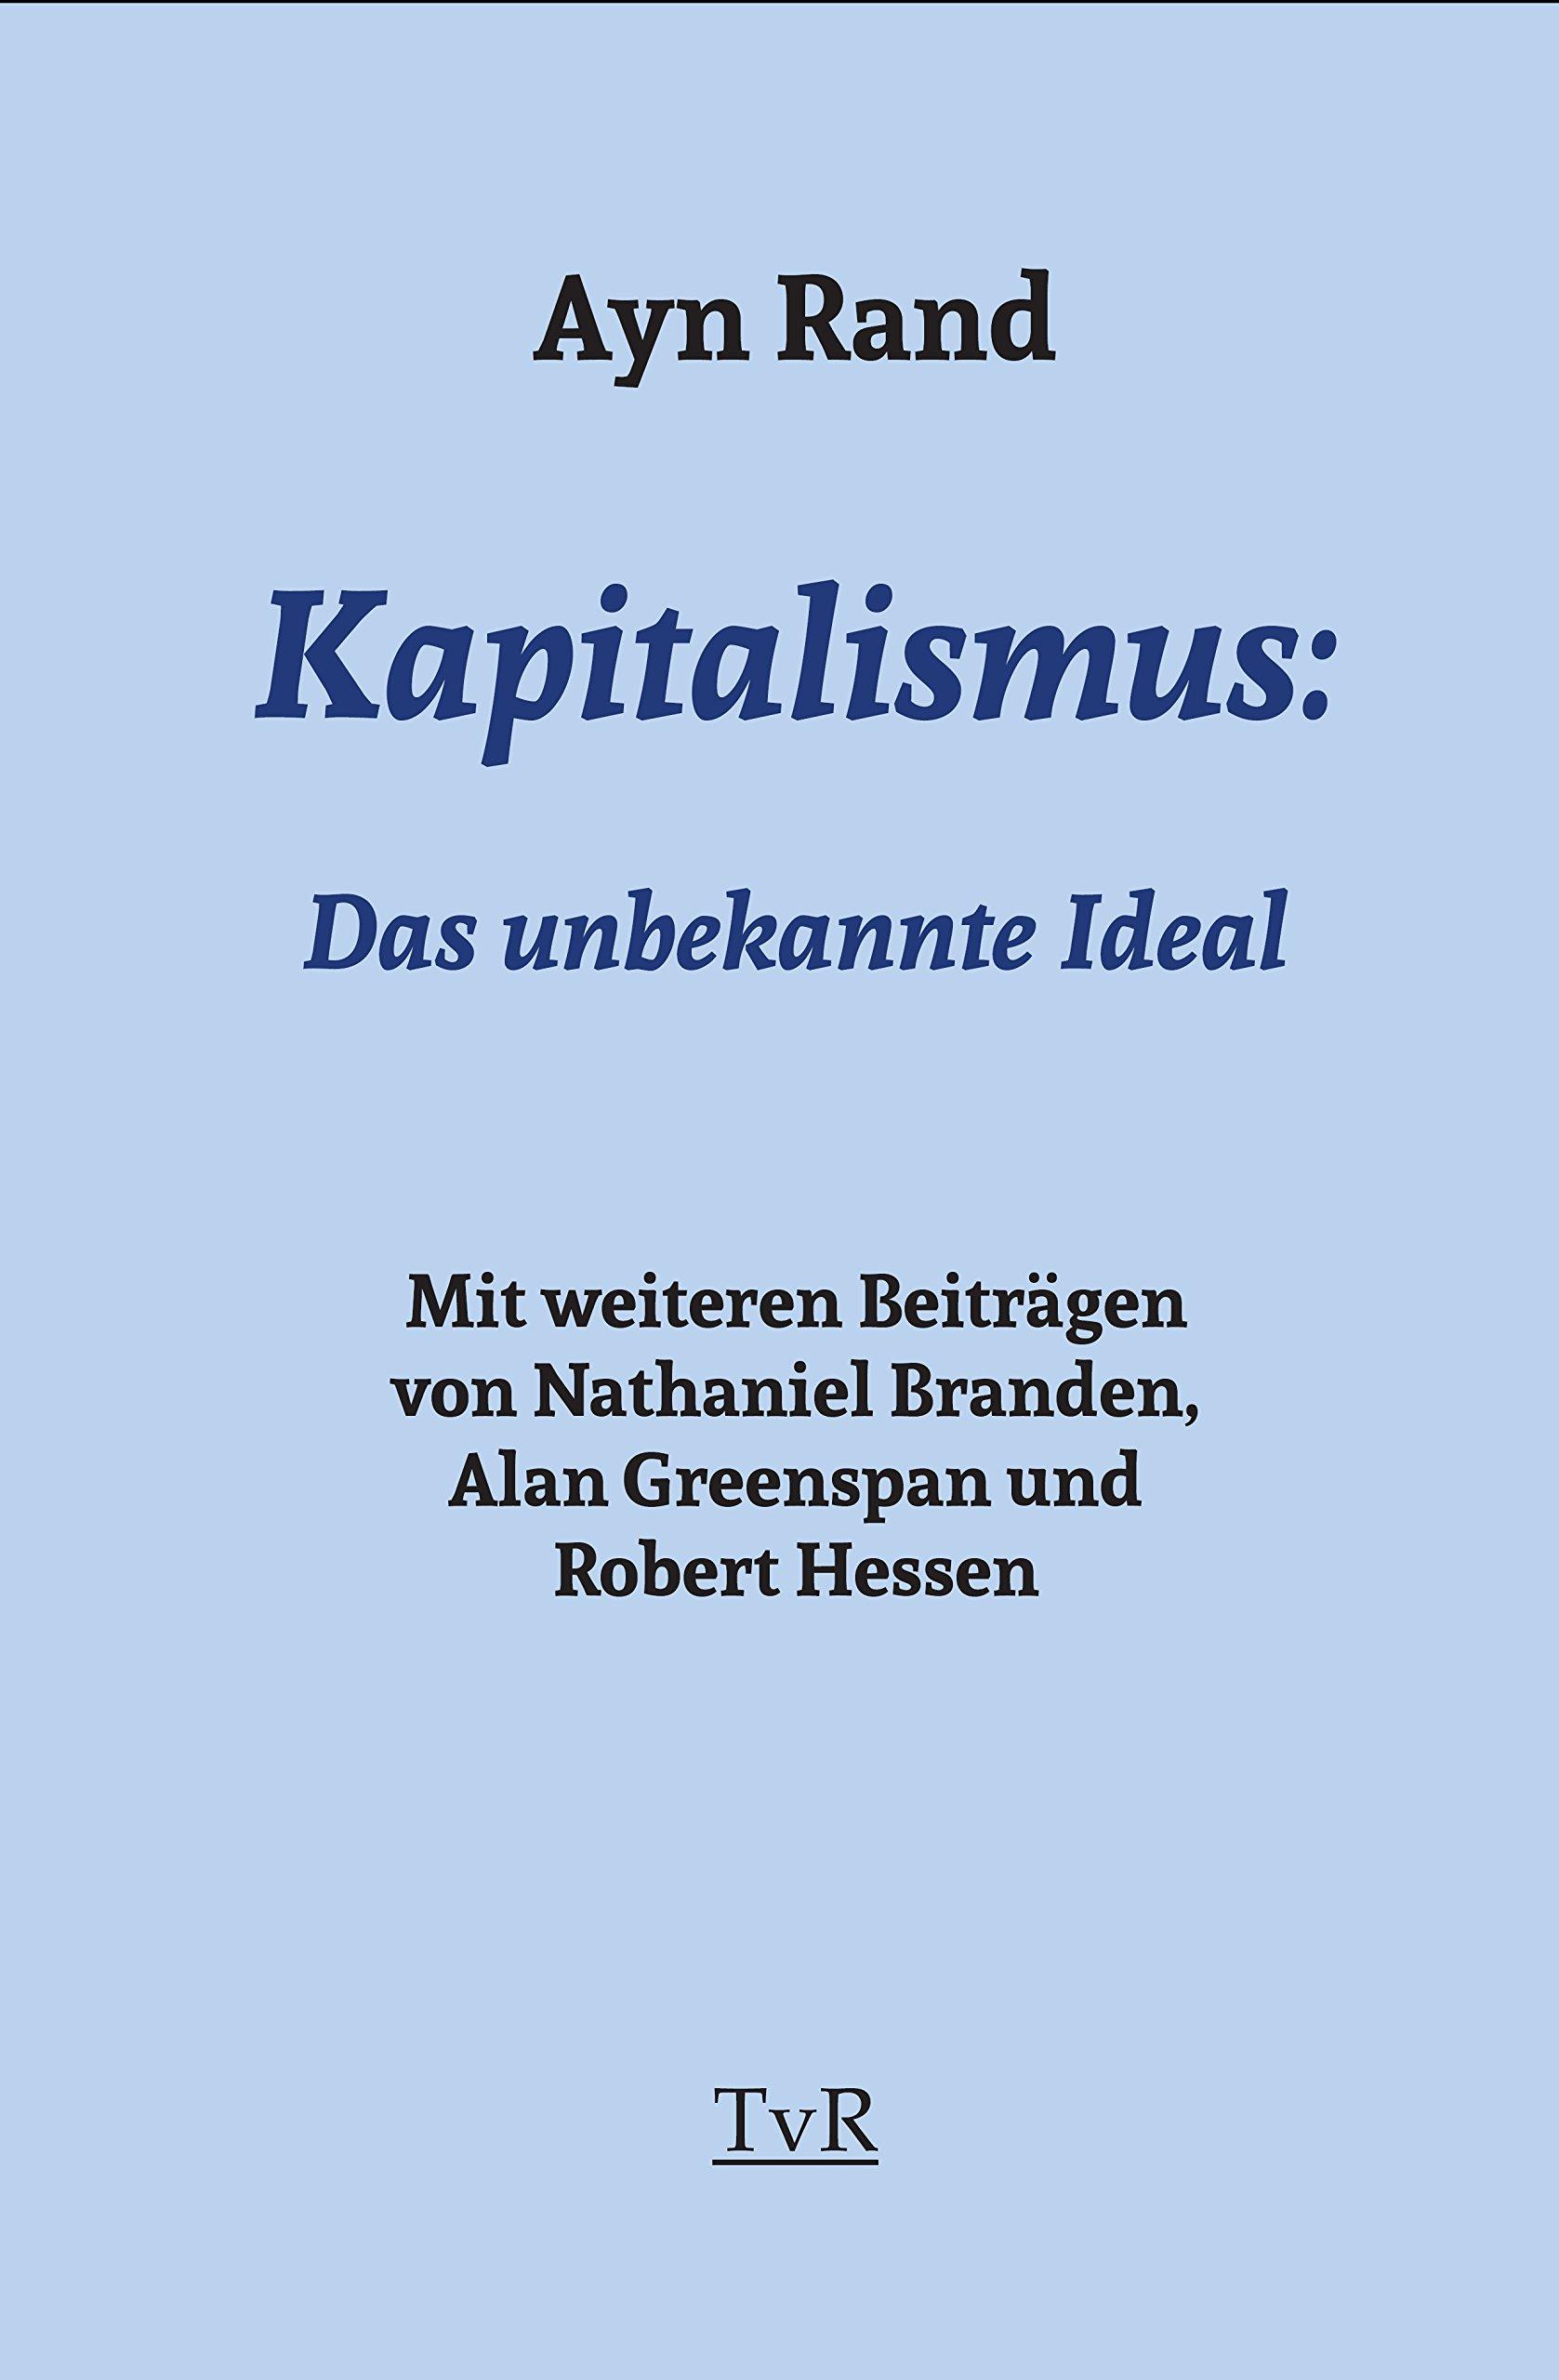 Kapitalismus:: Das unbekannte Ideal